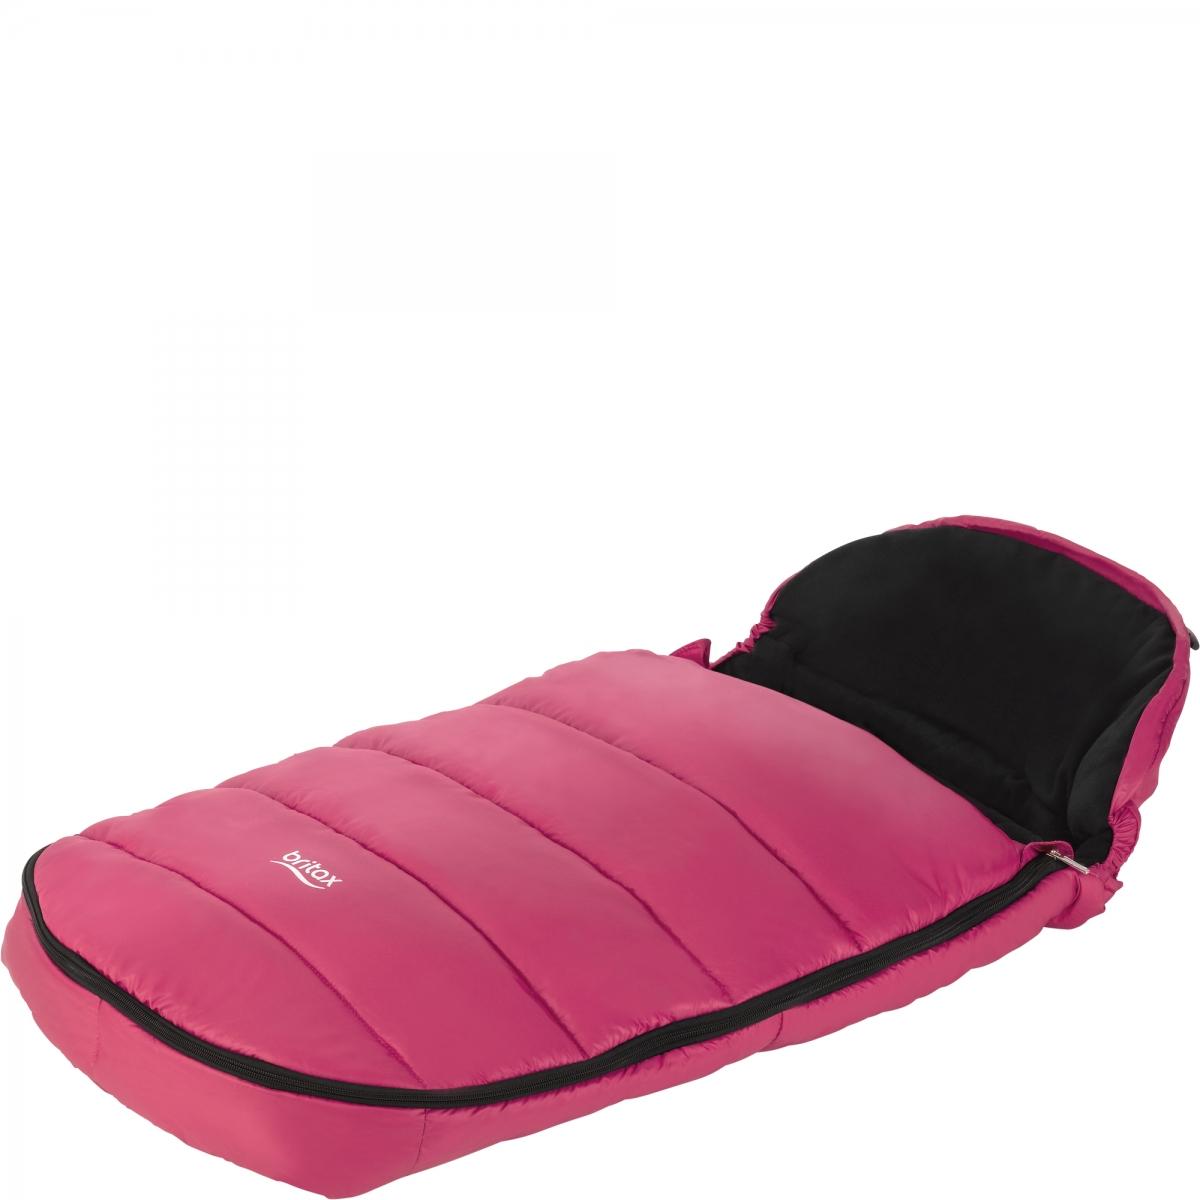 Sac captusit picioare shiny - Pink